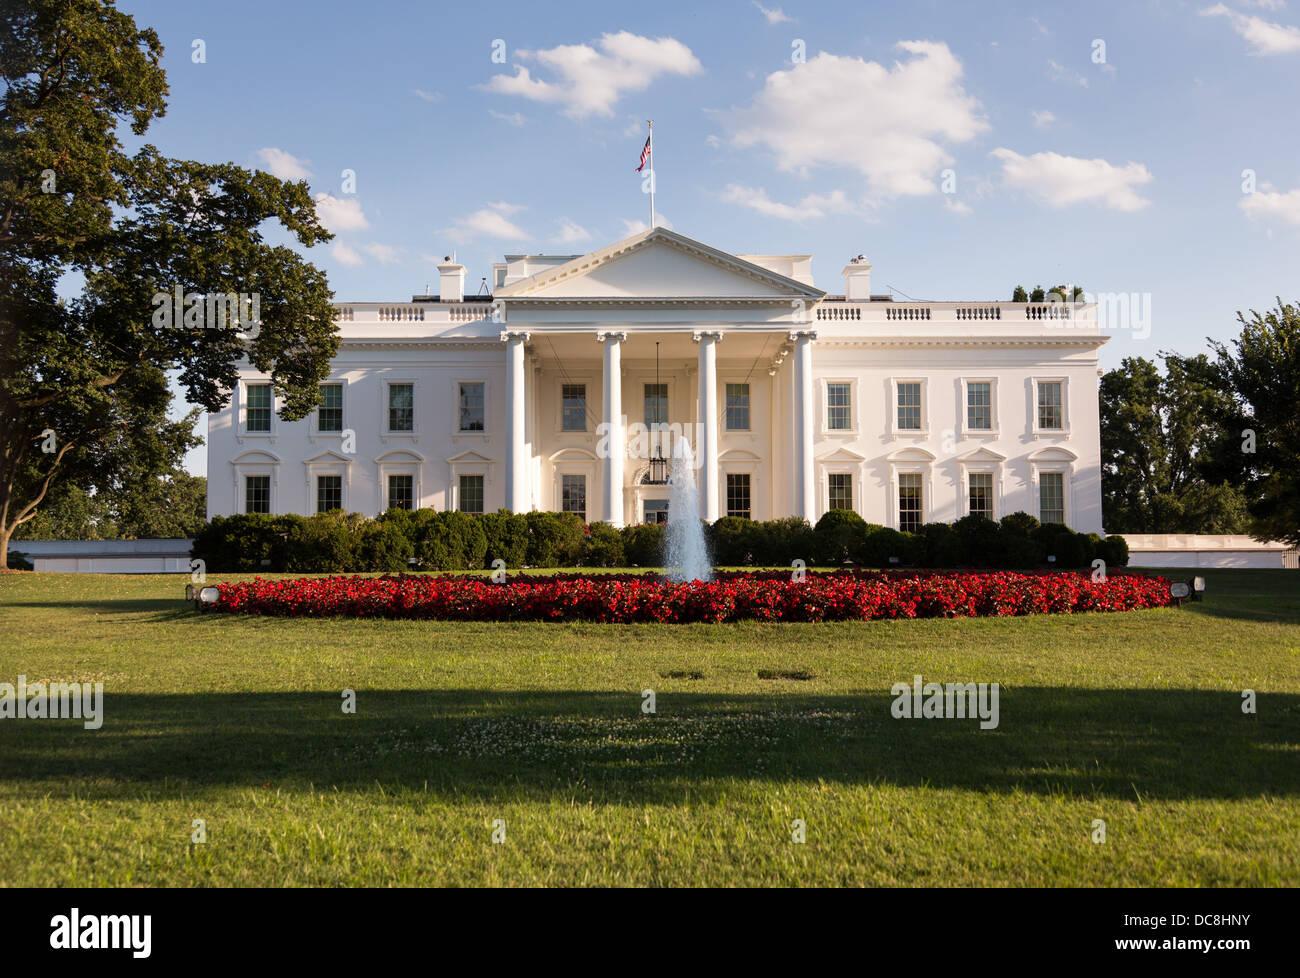 White House, Washington DC - Stock Image